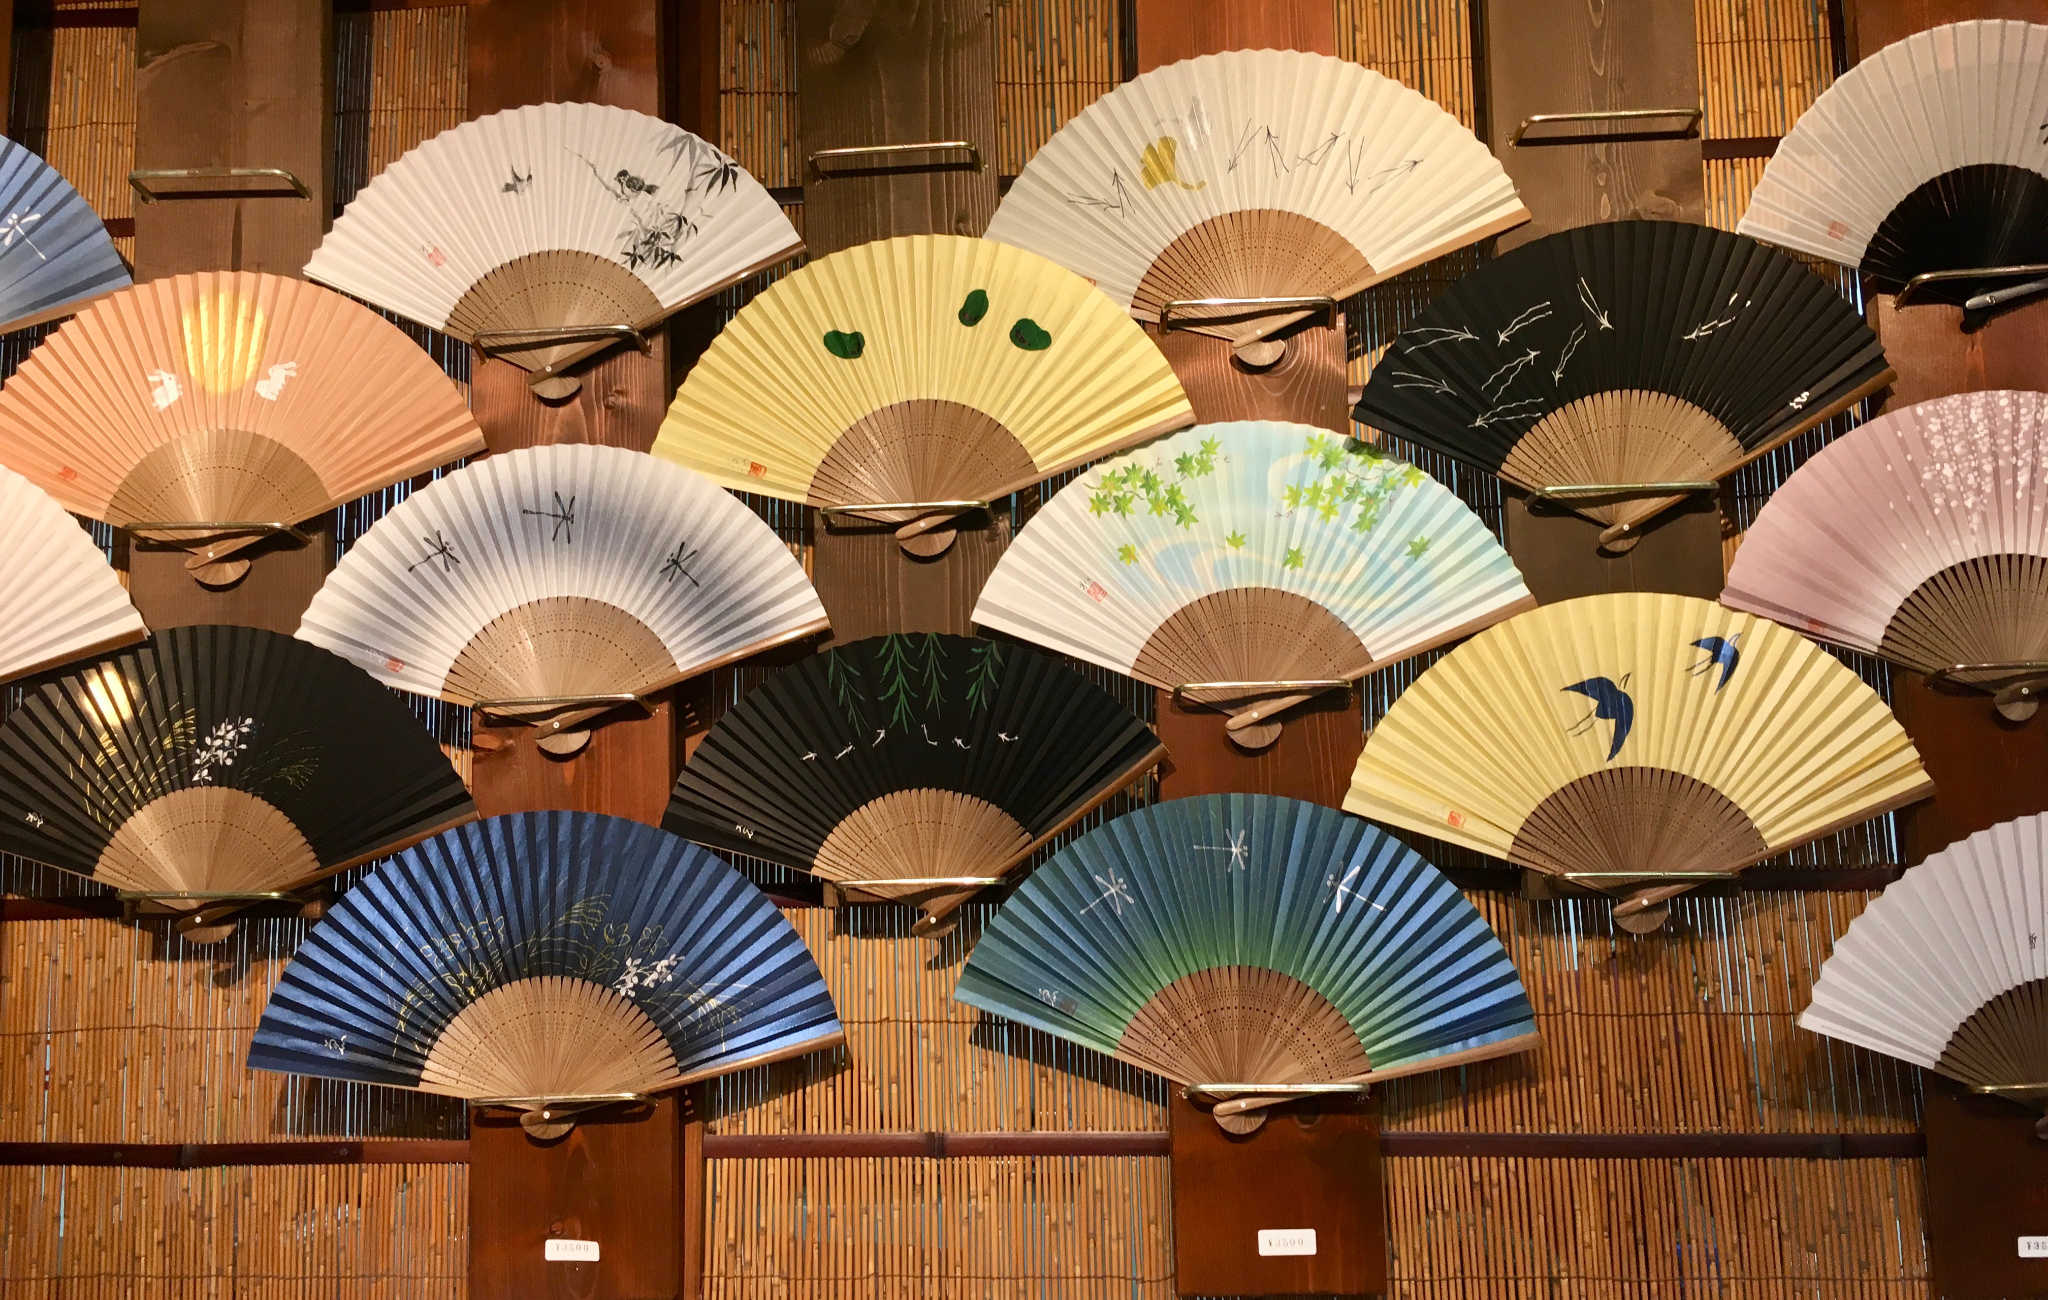 Les éventails, une autre spécialité à découvrir à Kyoto